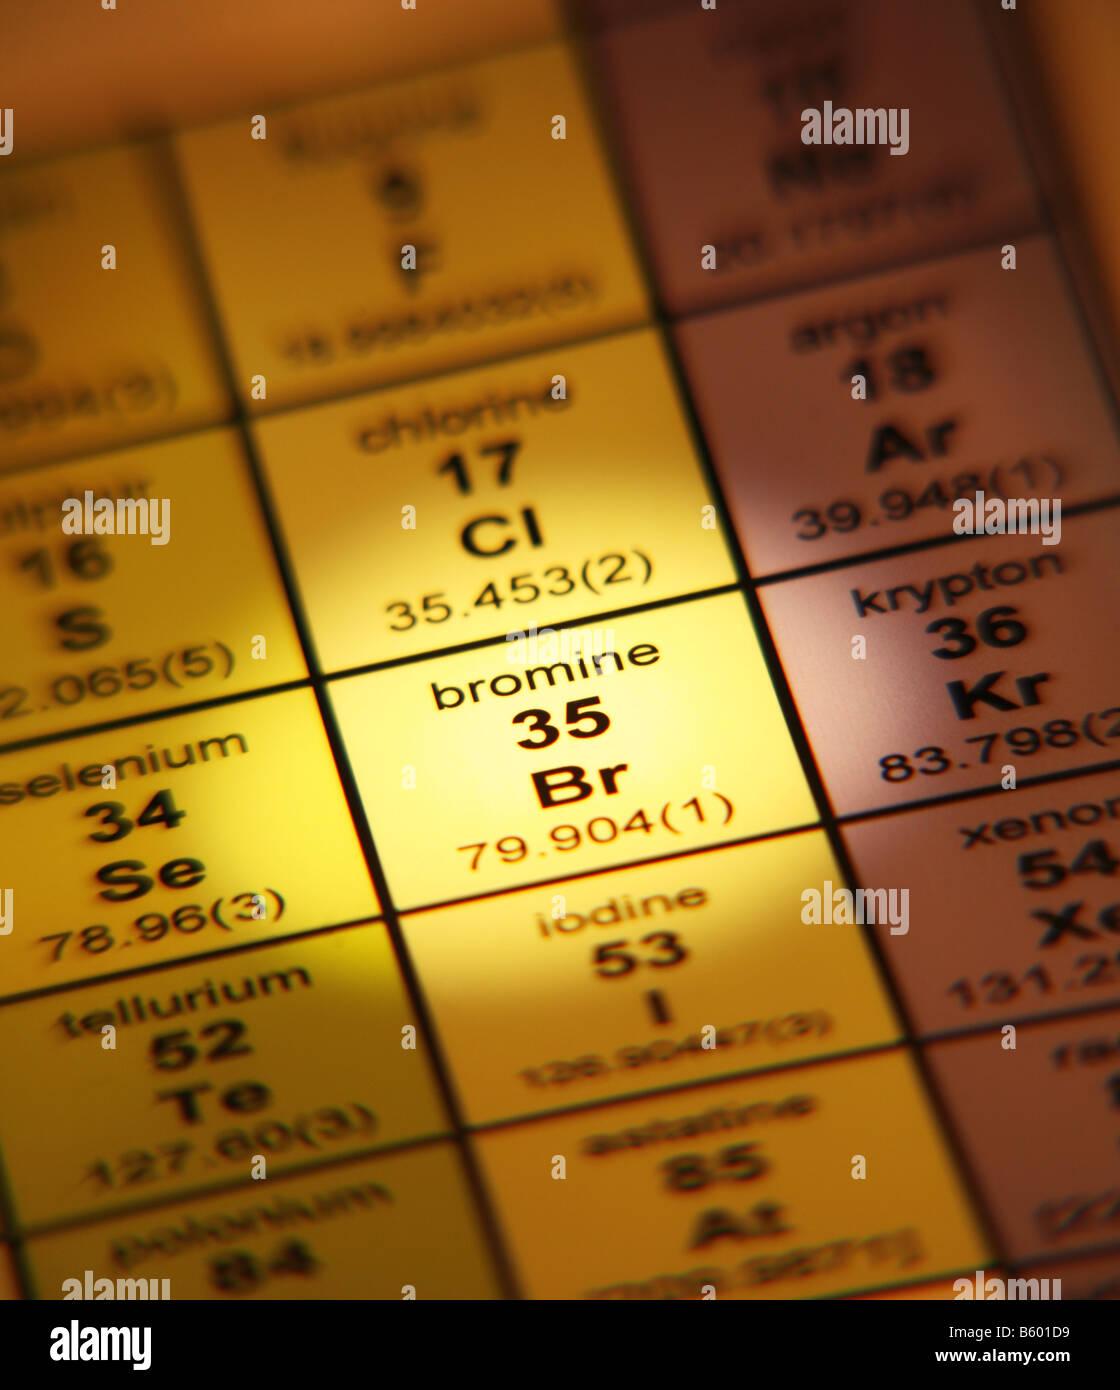 Tabla peridica de los elementos halgenos bromo foto imagen de tabla peridica de los elementos halgenos bromo urtaz Images